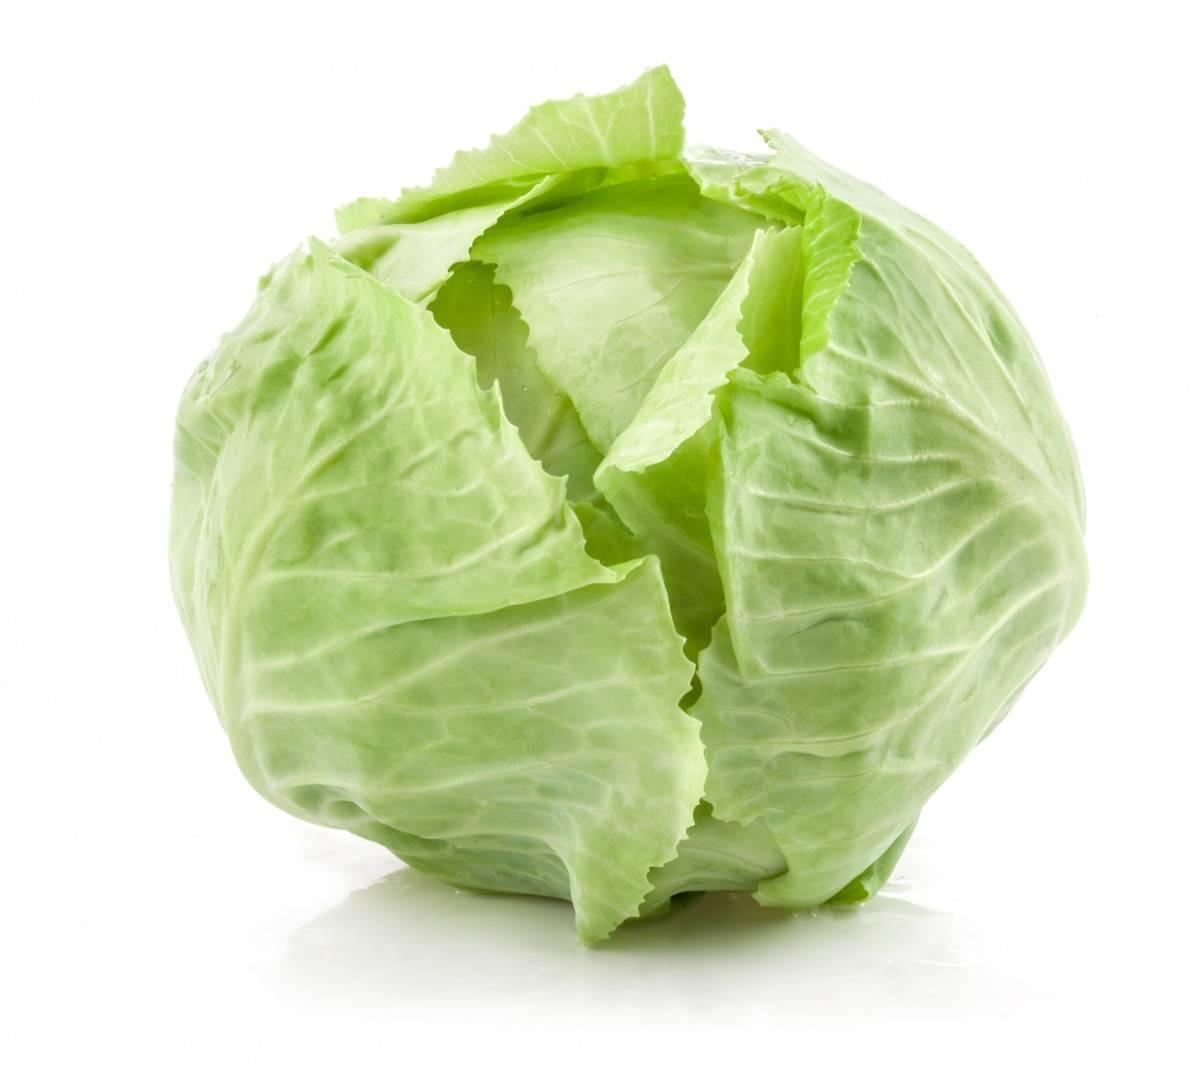 Голландские сорта белокочанной капусты: поздние, среднеспелые, ранние, килоустойчивые, лучшие для хранения